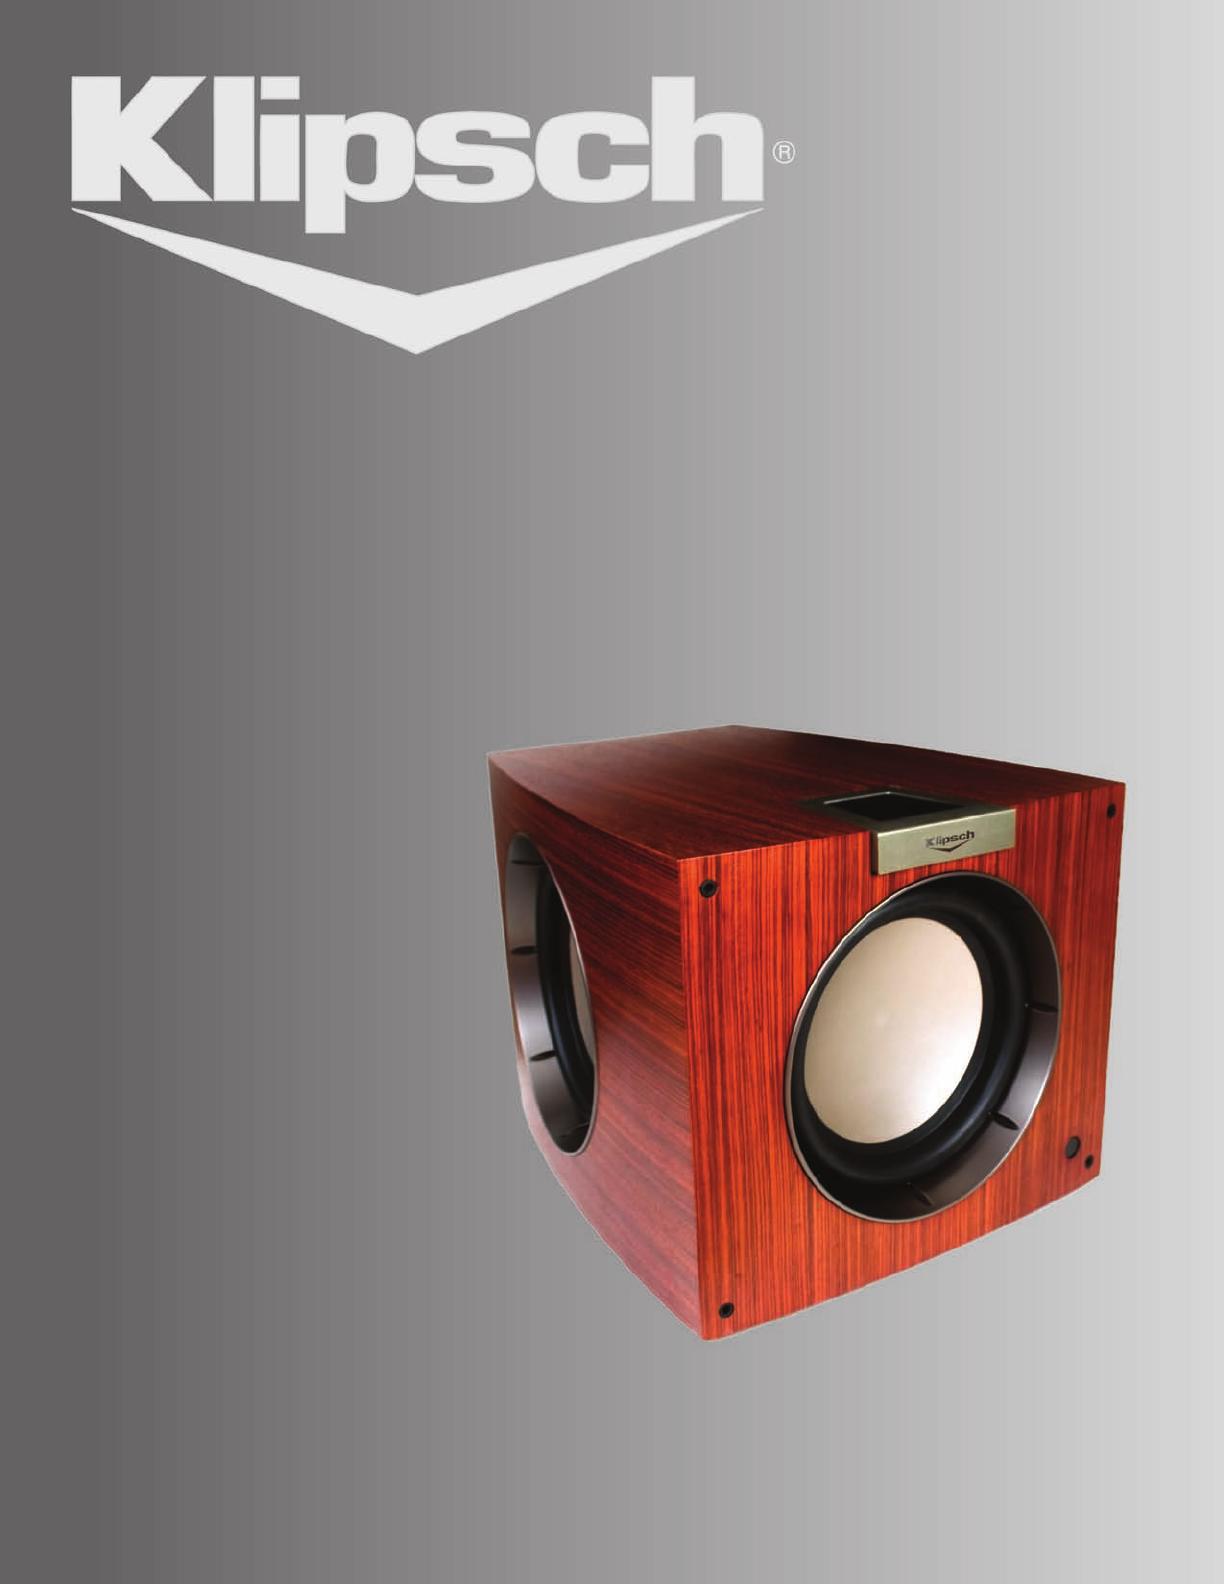 klipsch speaker p 312w user guide. Black Bedroom Furniture Sets. Home Design Ideas